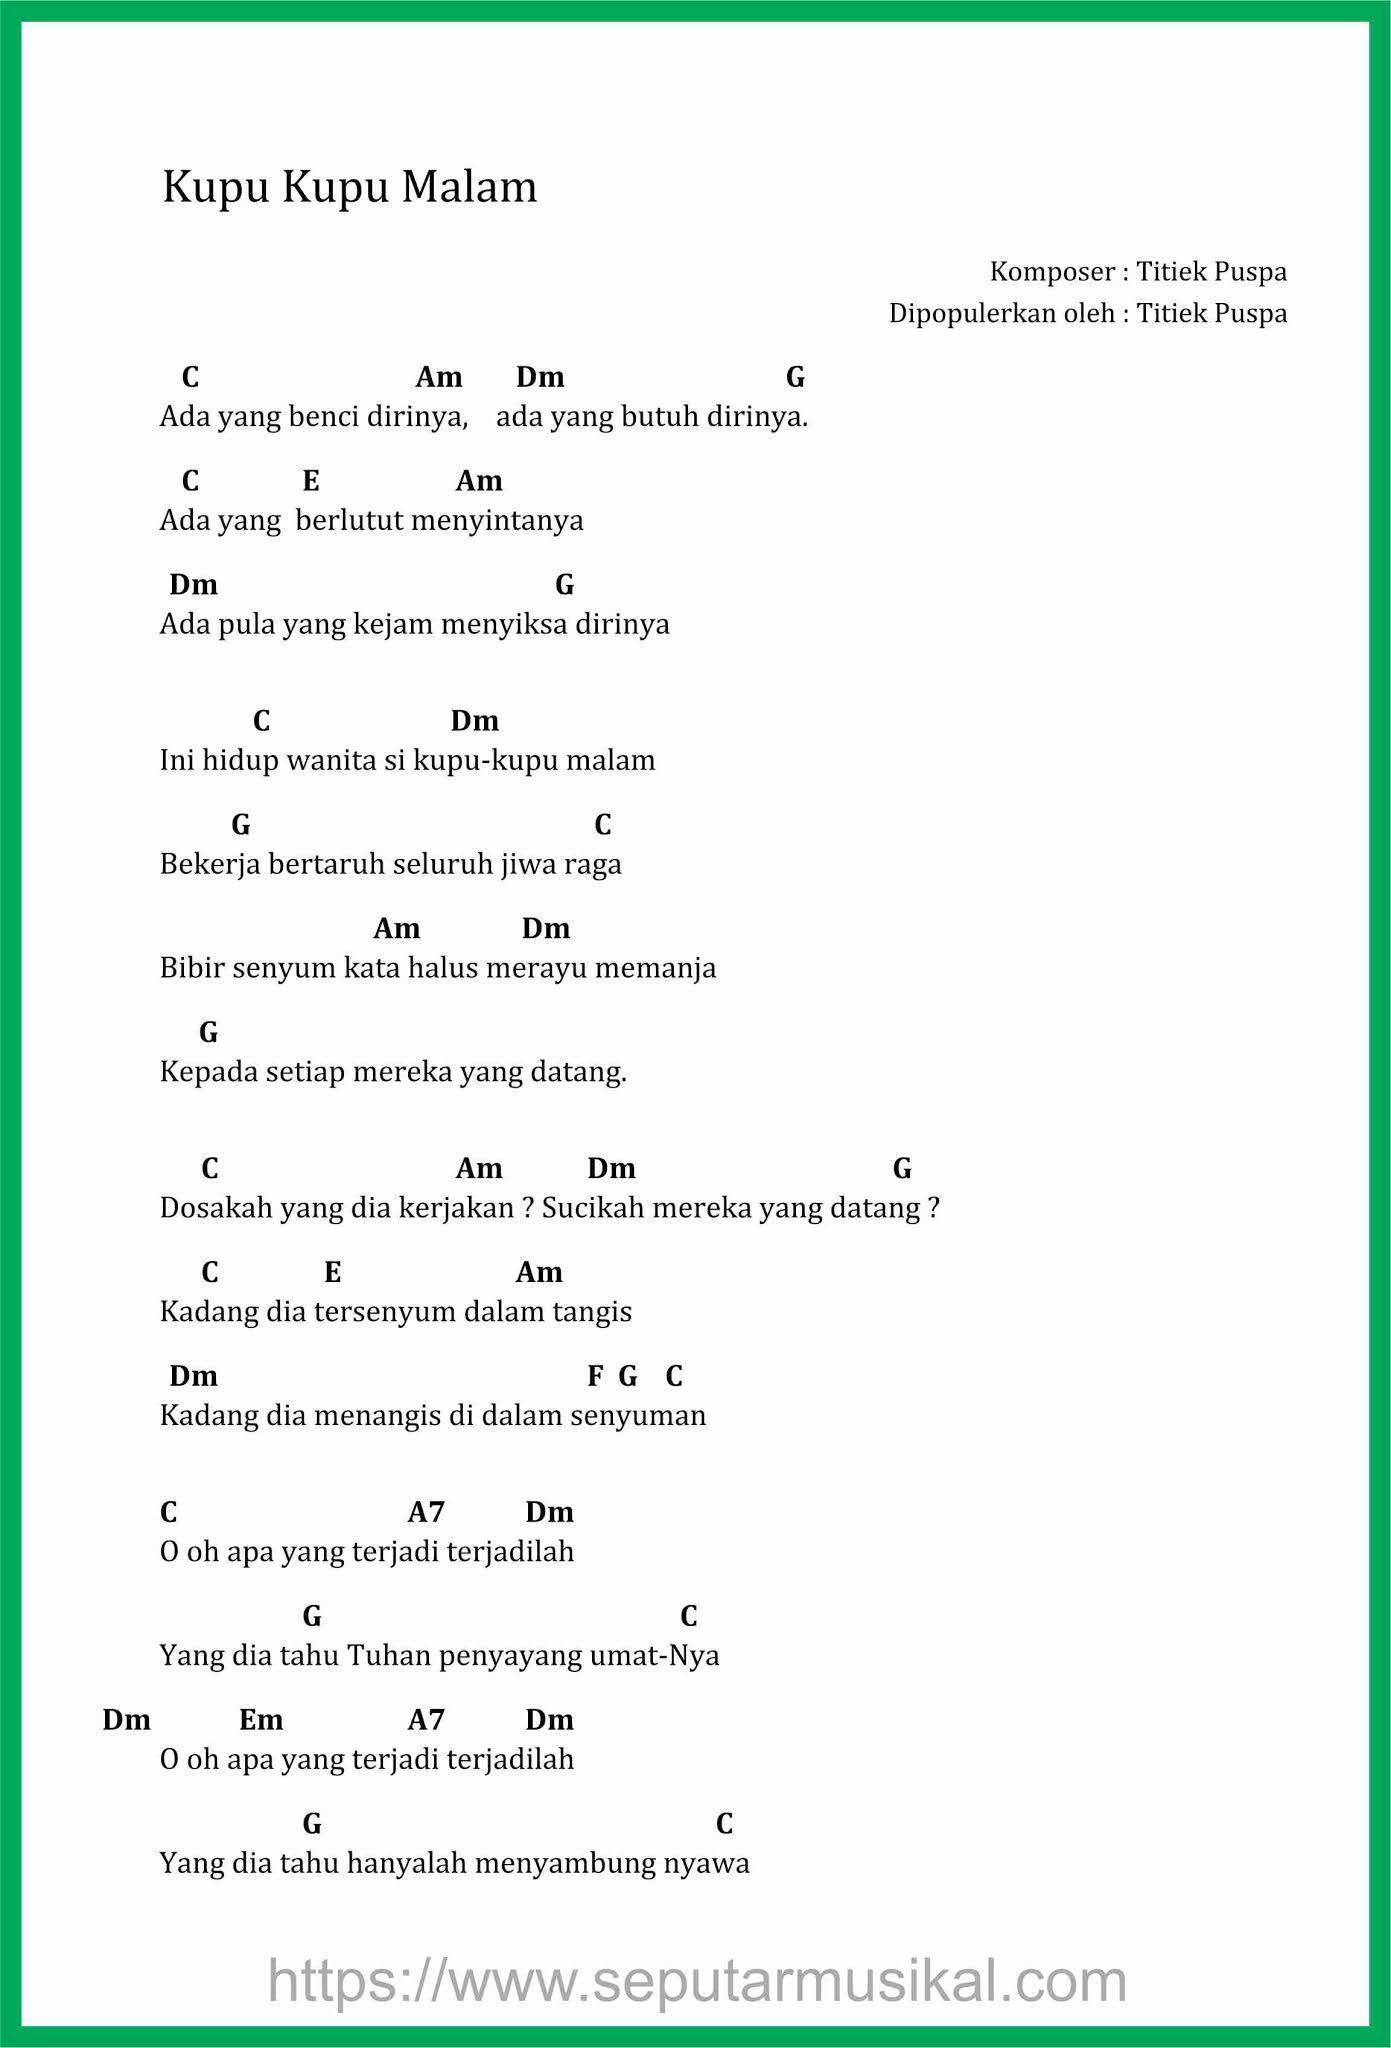 Kunci Lagu Kupu Kupu Malam : kunci, malam, Chord, Malam, Sekali